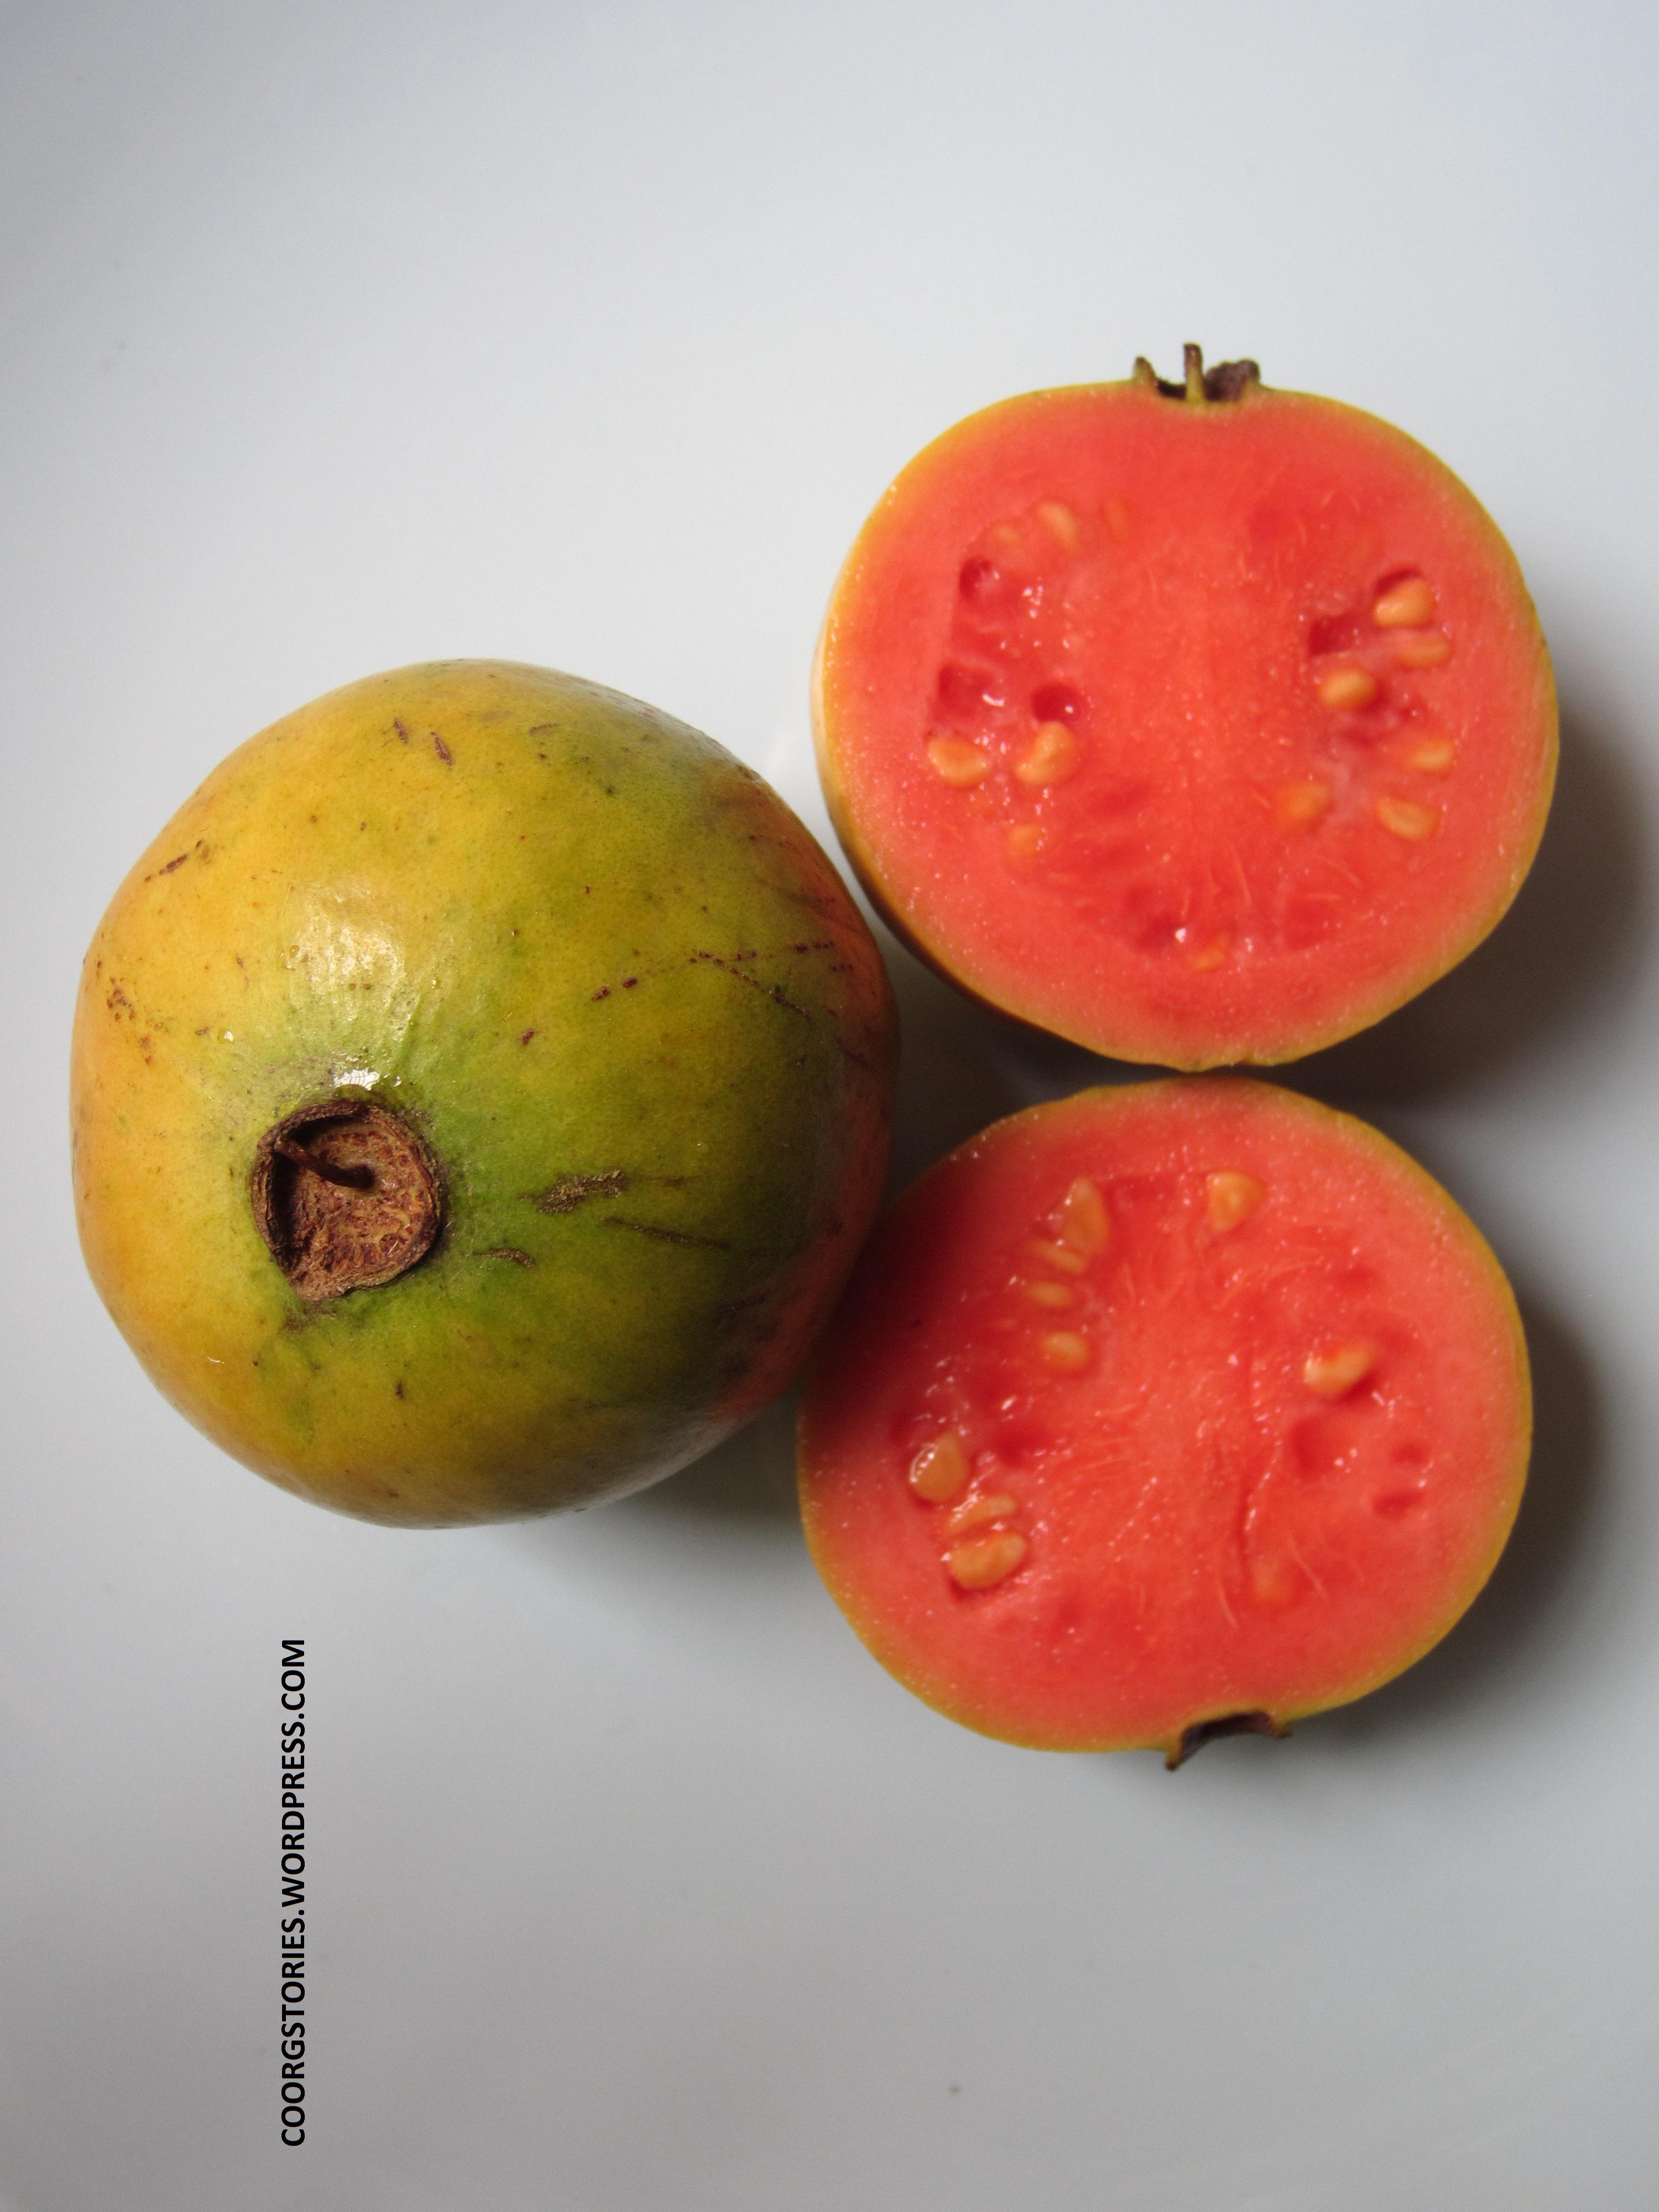 Medicinal Properties Of Guava: